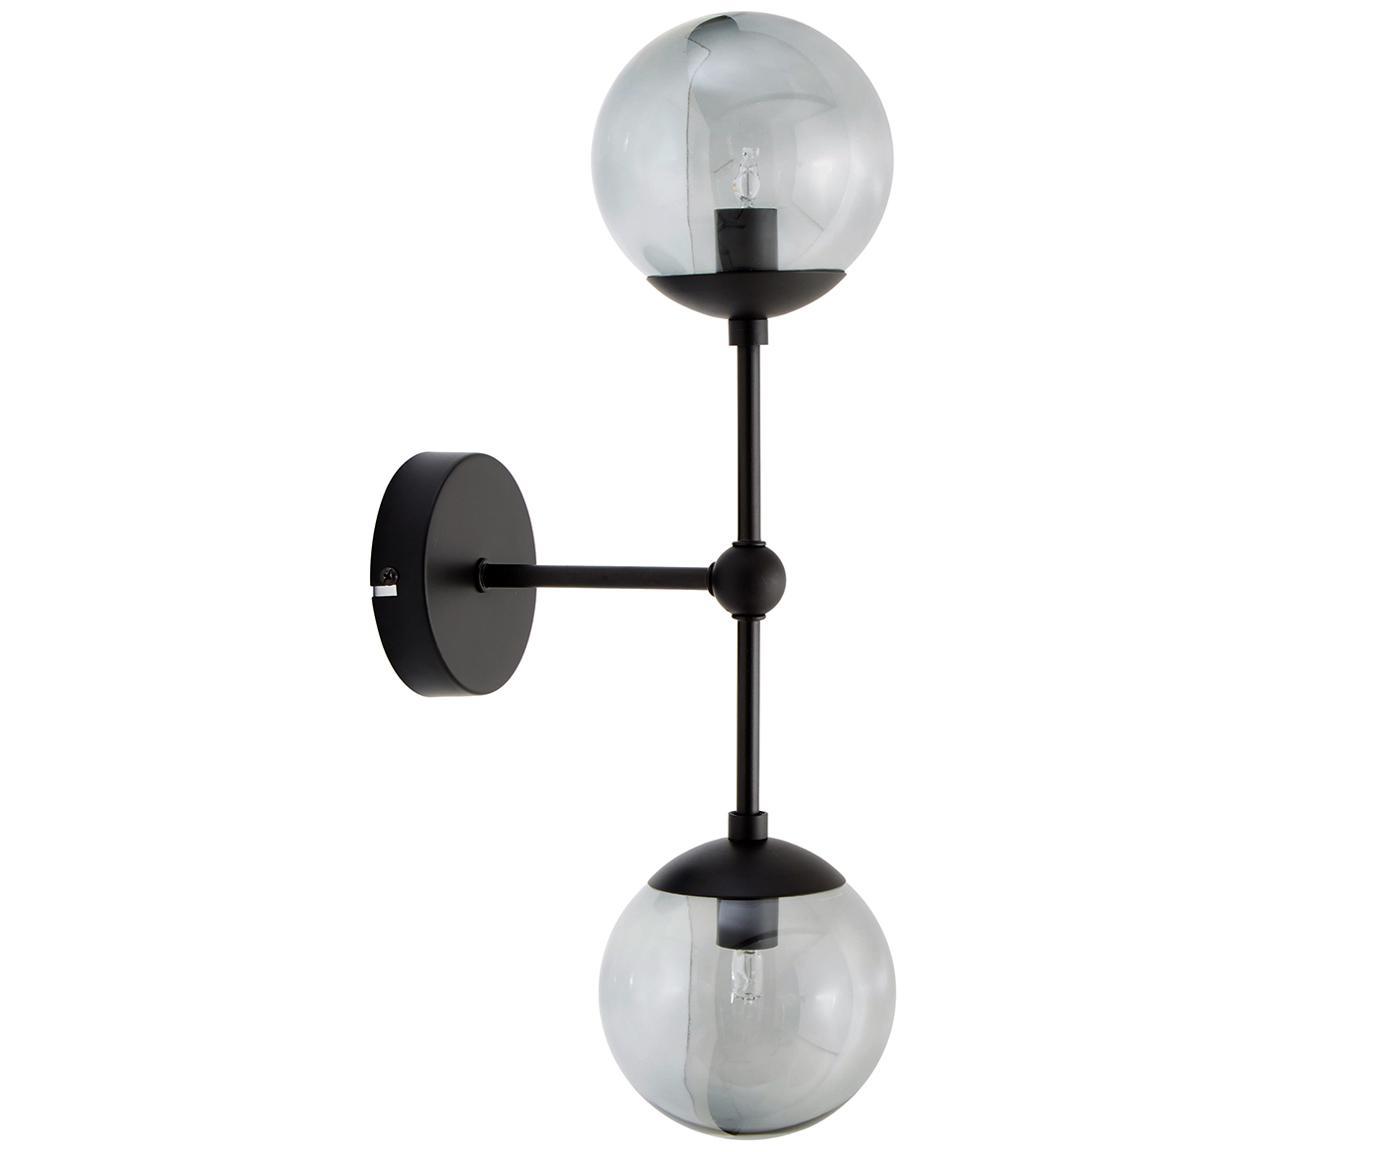 Wandleuchte Beth, Lampenschirm: Glas, Grau, Schwarz, Ø 12 x H 45 cm